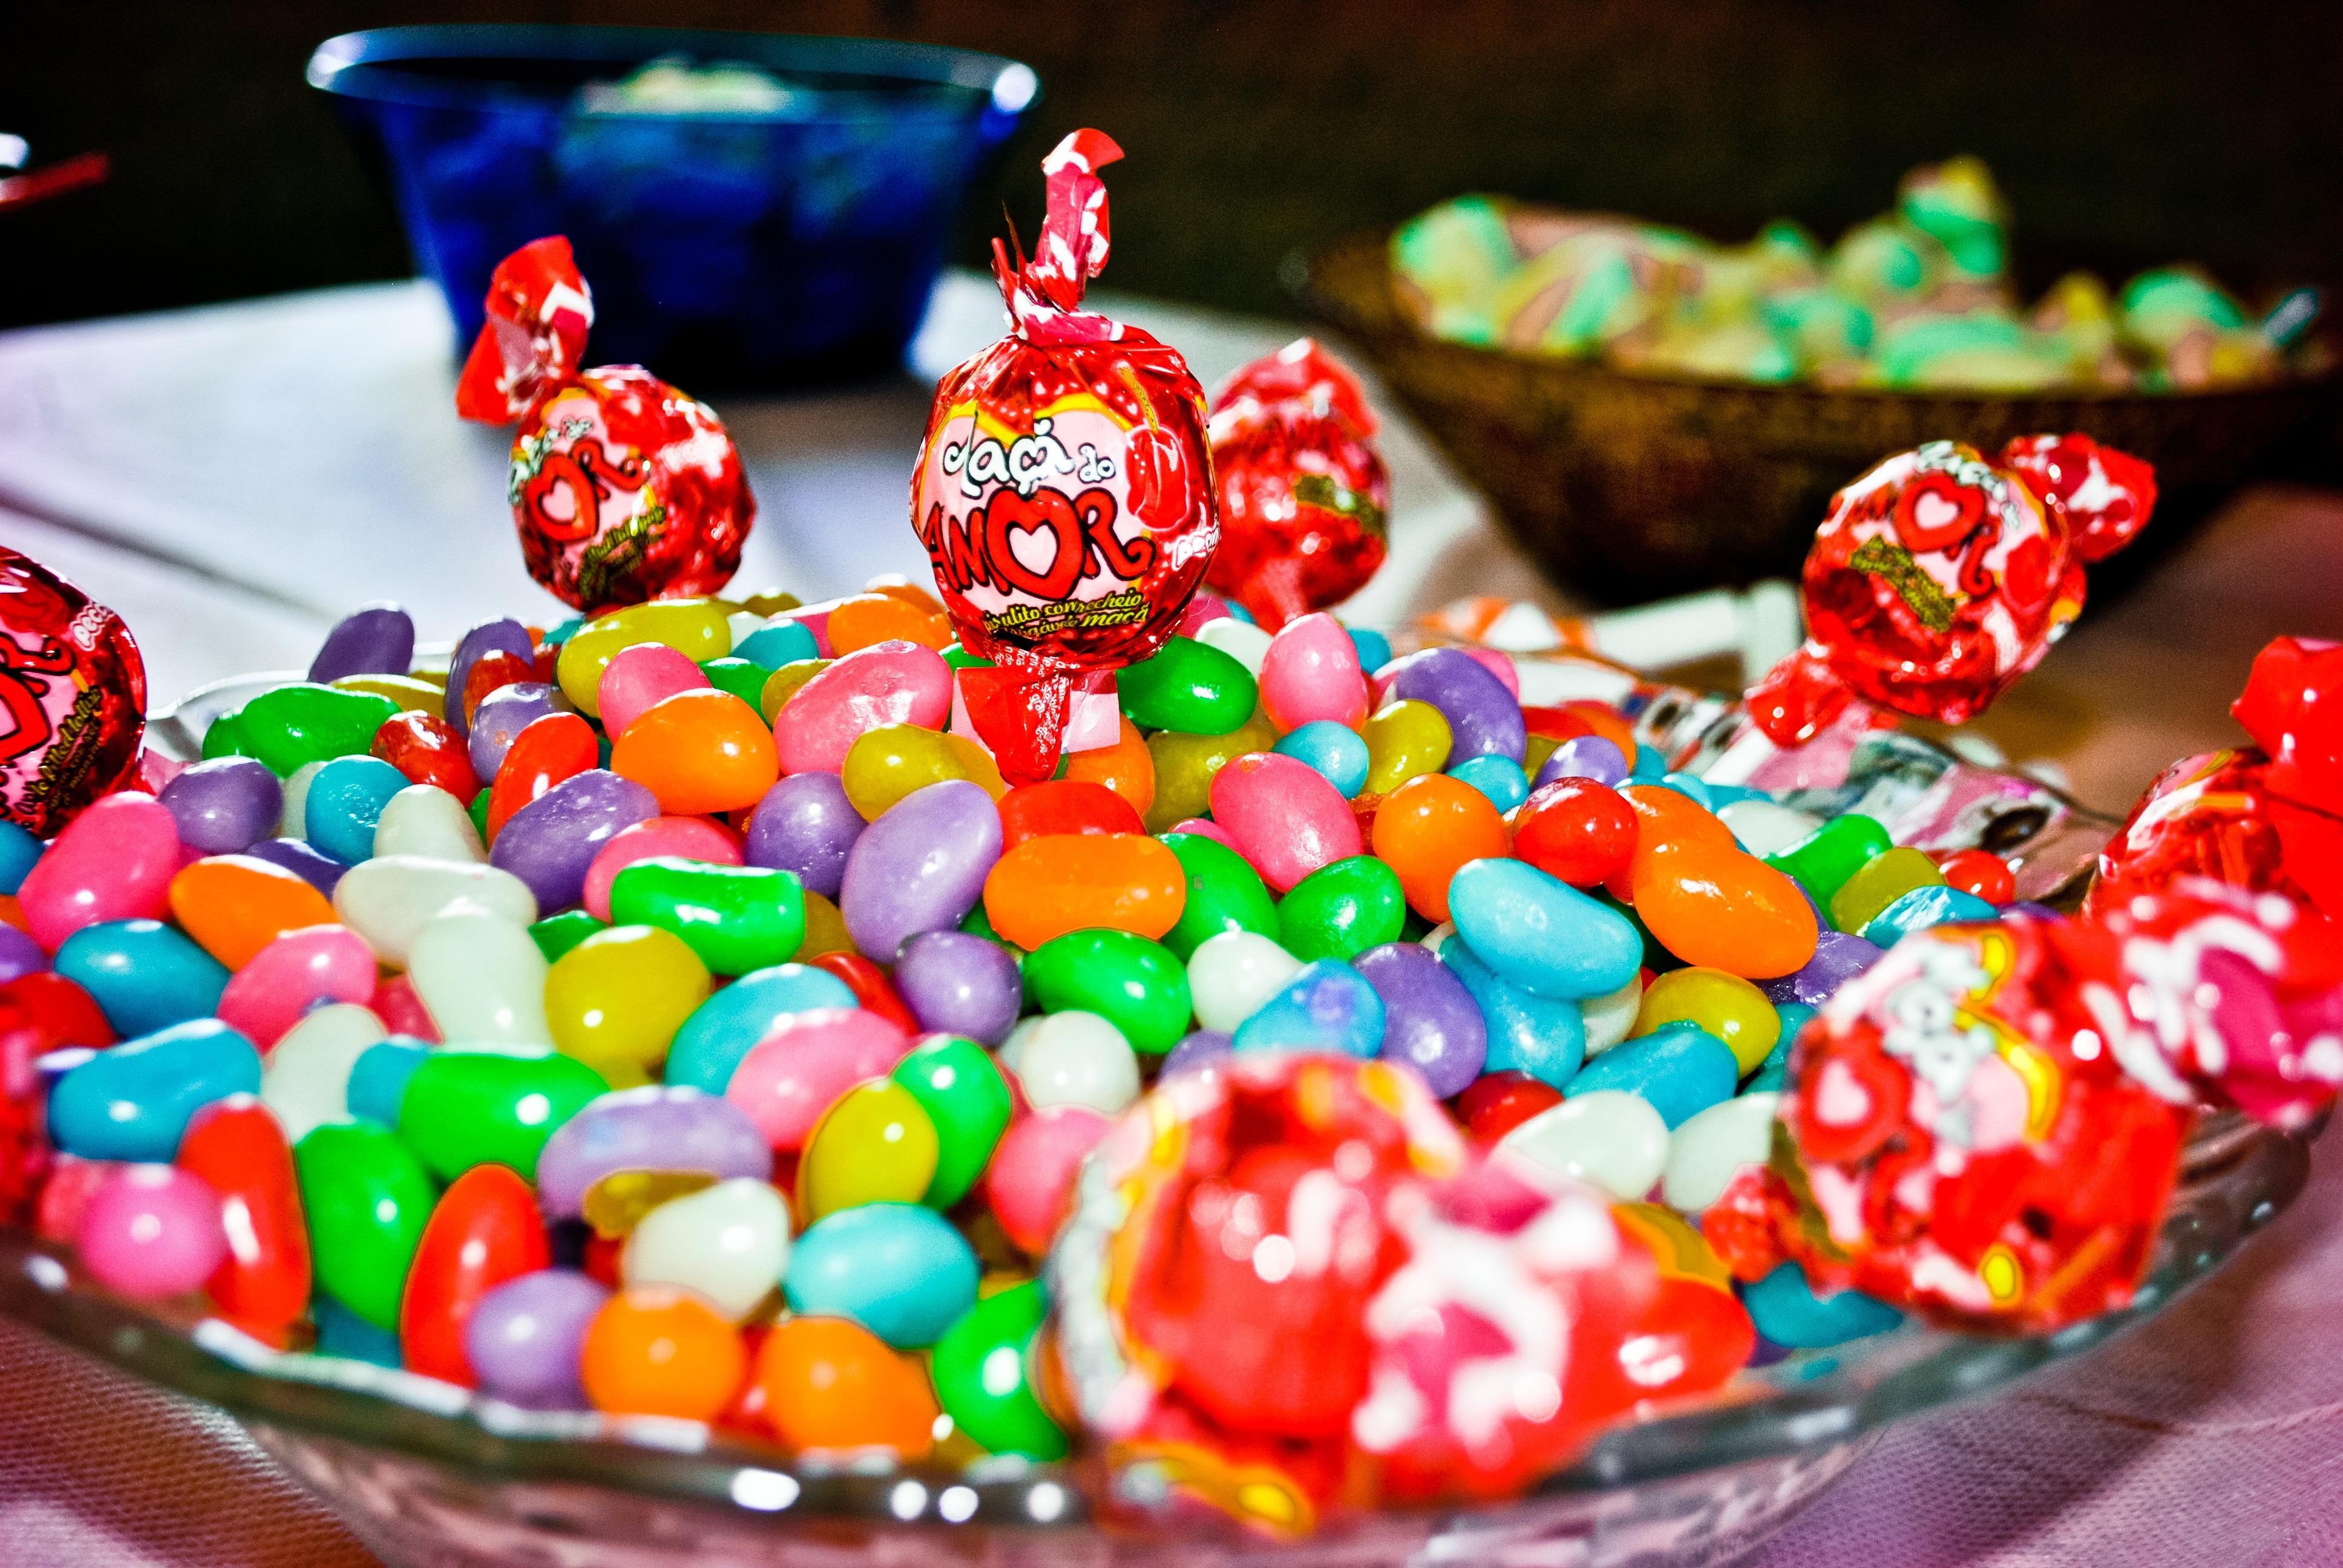 лучшие картинки с конфетами этому времени